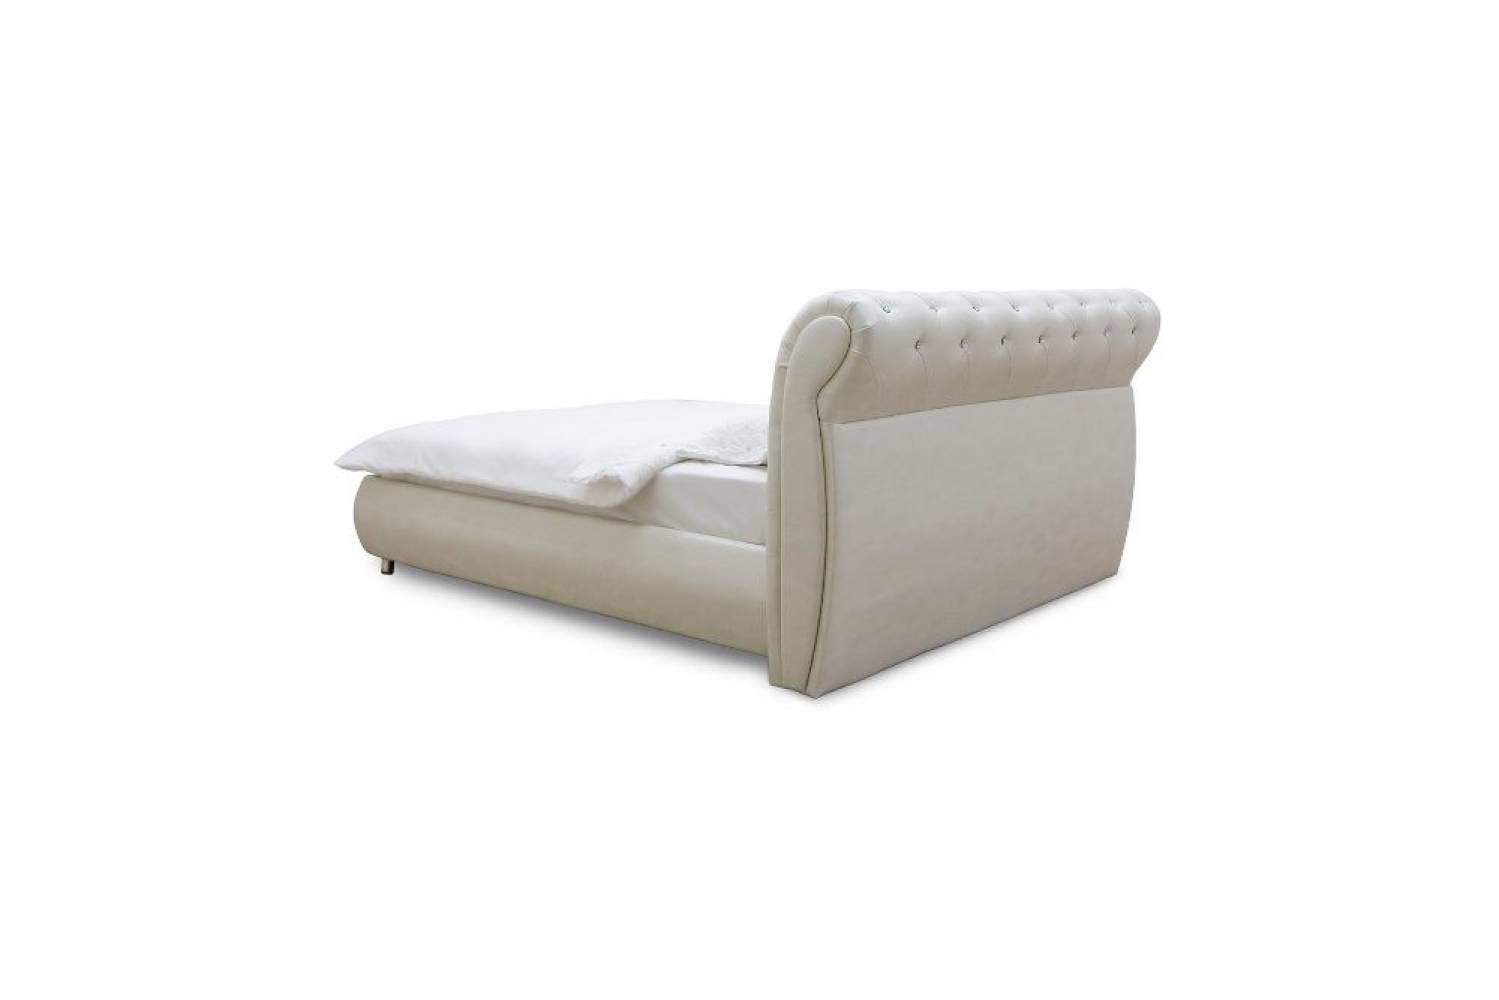 Кровать 1600 с подъемным механизмом ЭМИЛИ (Меркури милк)